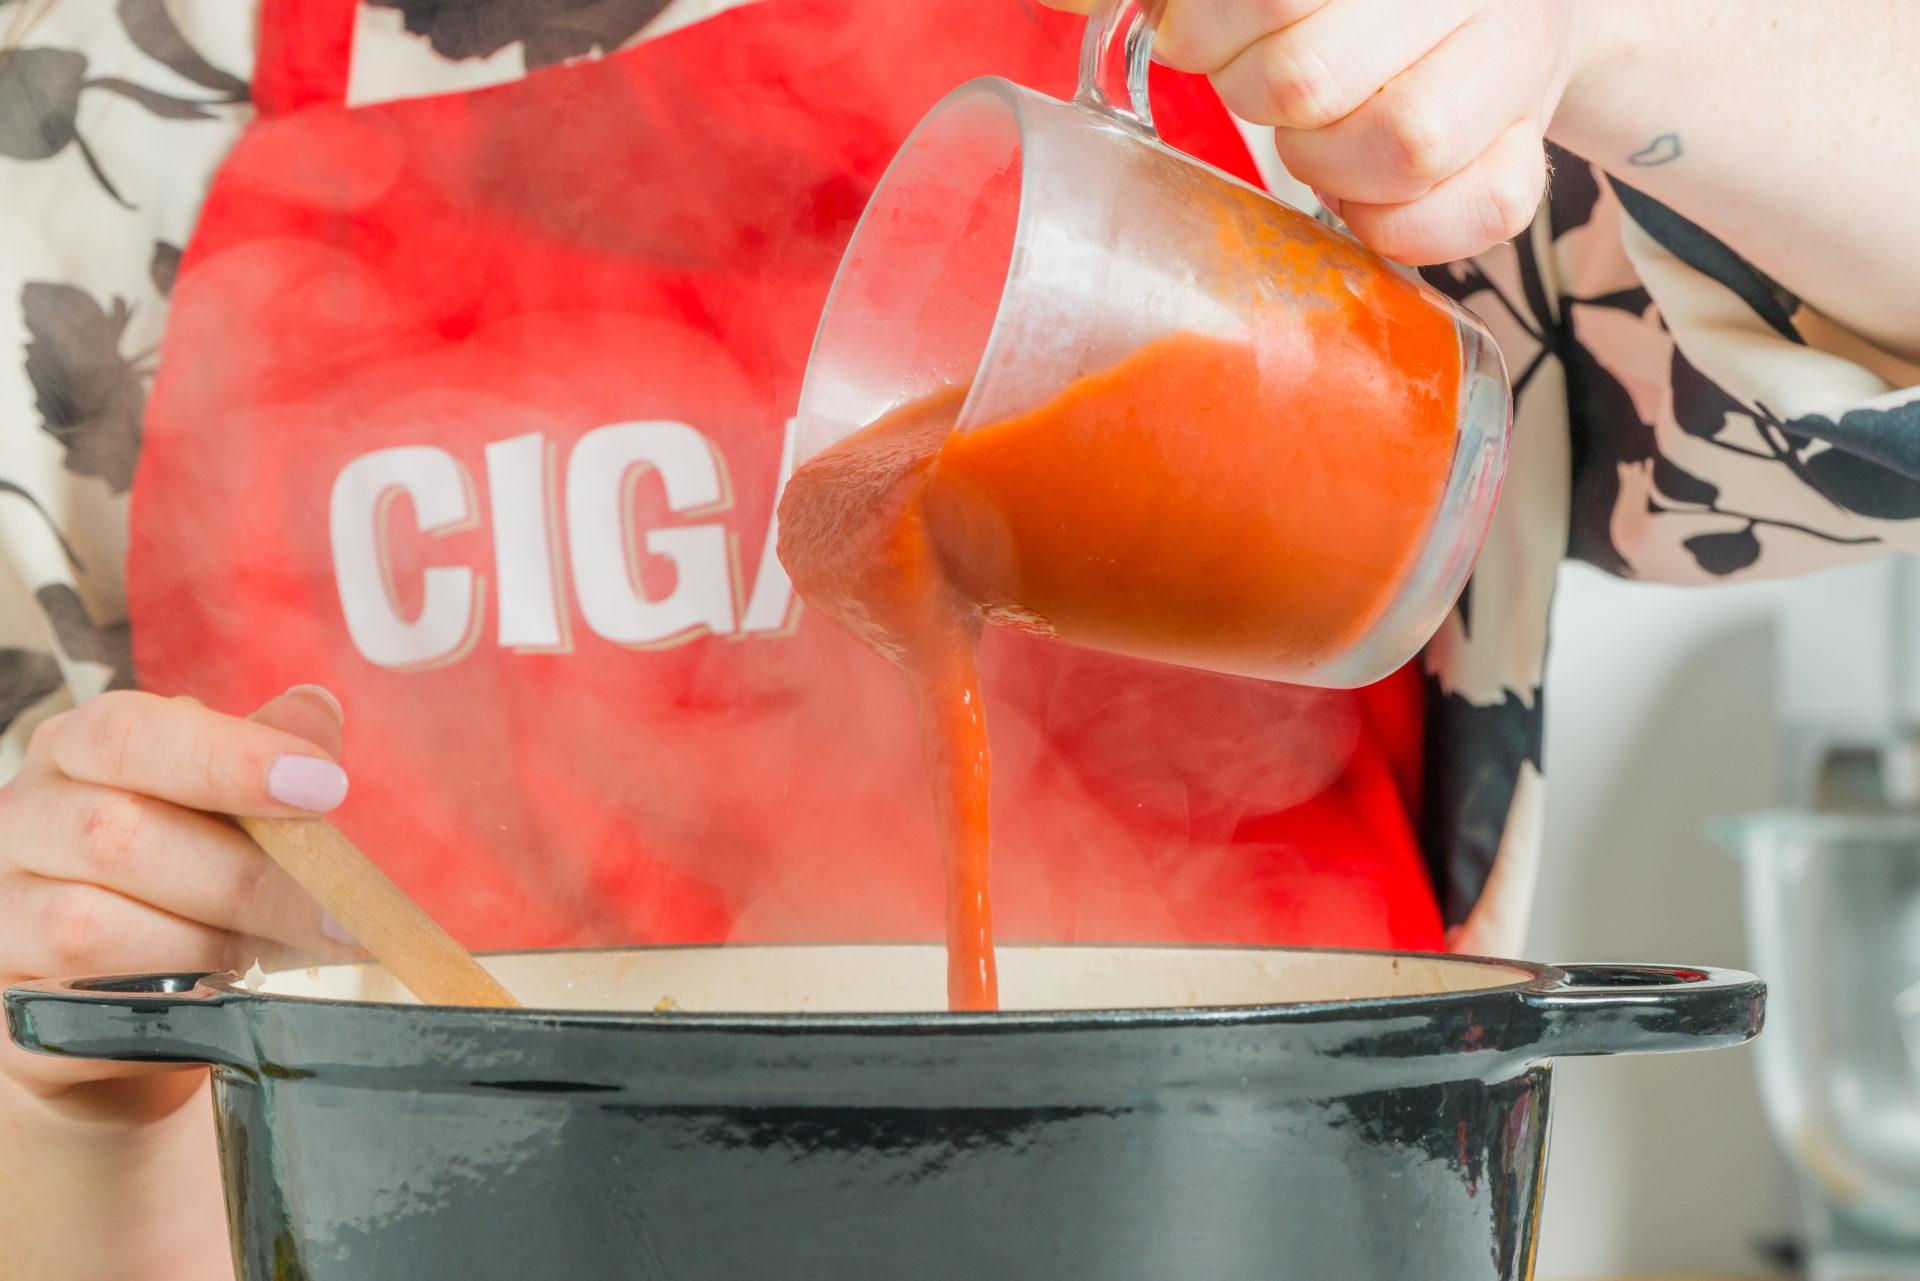 Adicionar a polpa de tomate ao refogado